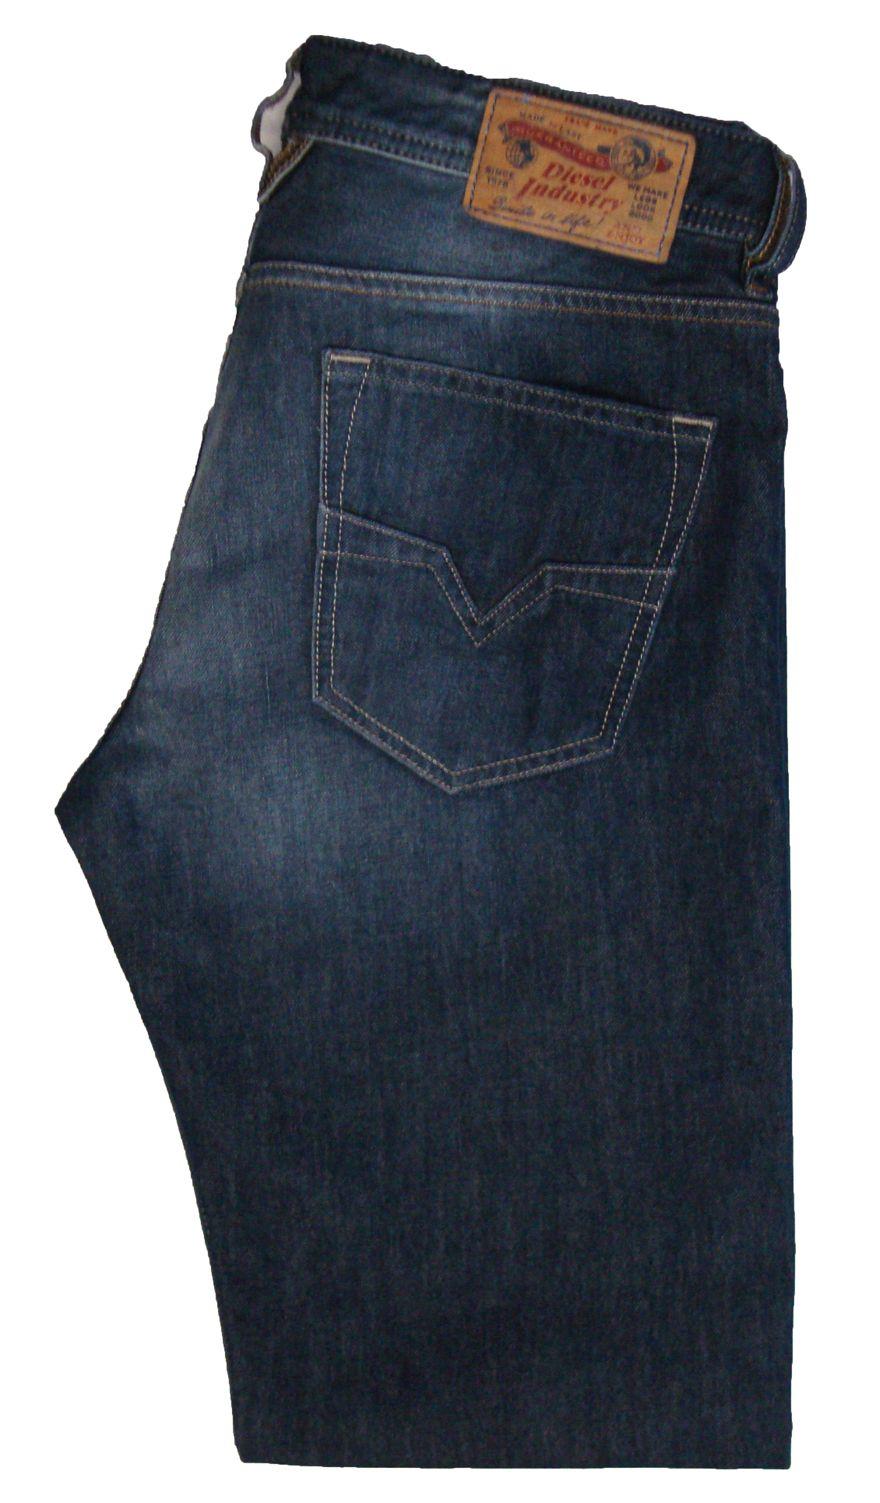 75896ea6 Larkee 0805B Regular Straight Jean by Diesel. | Jeans in 2019 ...